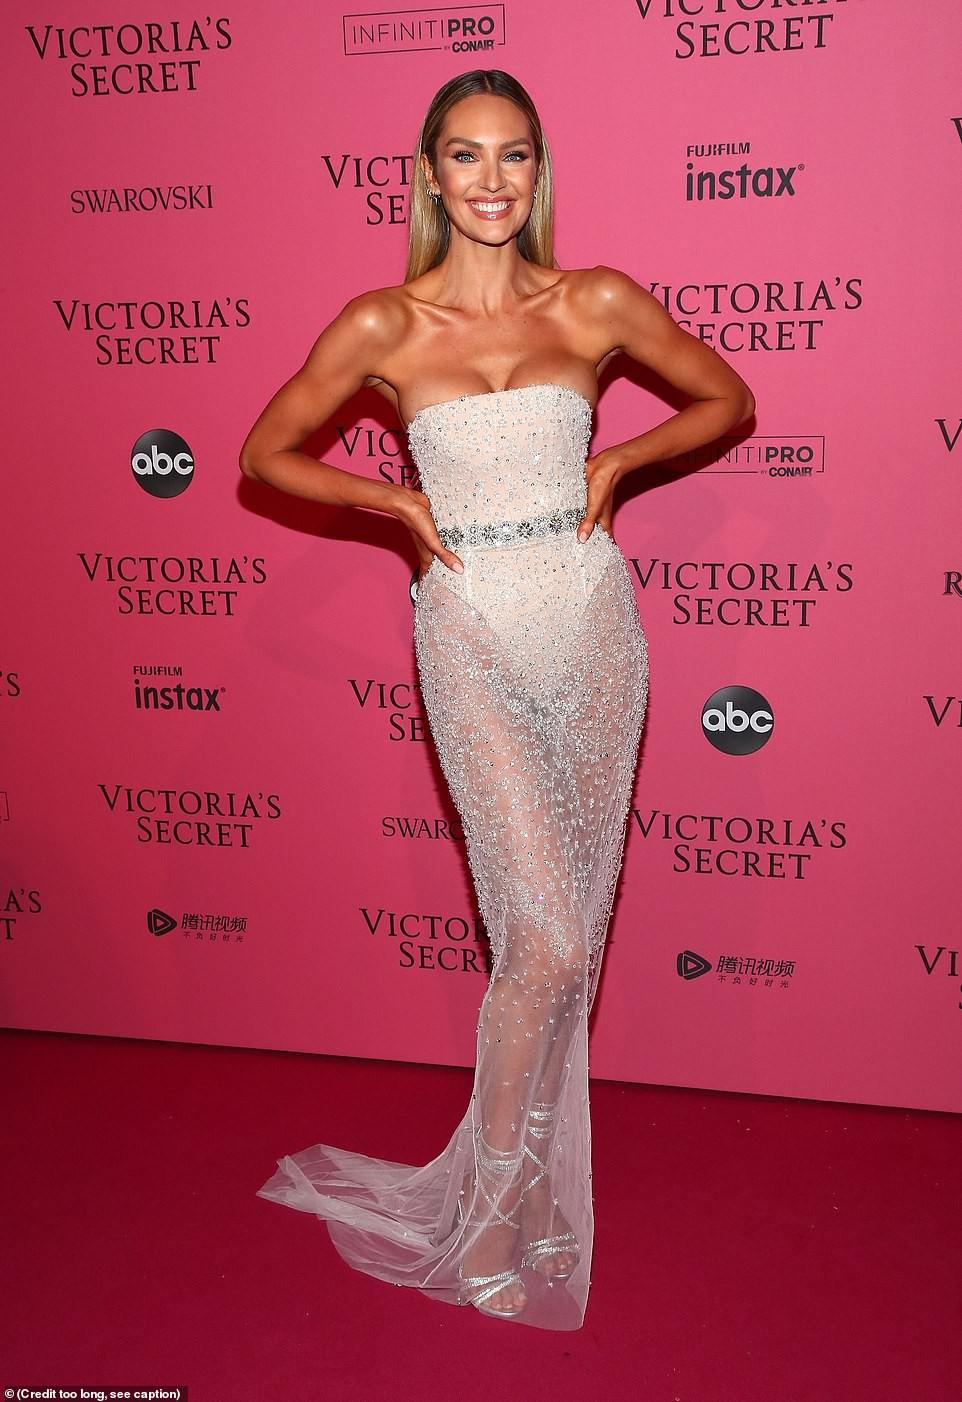 Thảm đỏ hậu show Victorias Secret: Dù không đẹp nhất, Bella Hadid vẫn nổi nhất dàn sao vì... lộ hết vòng 1 - Ảnh 10.